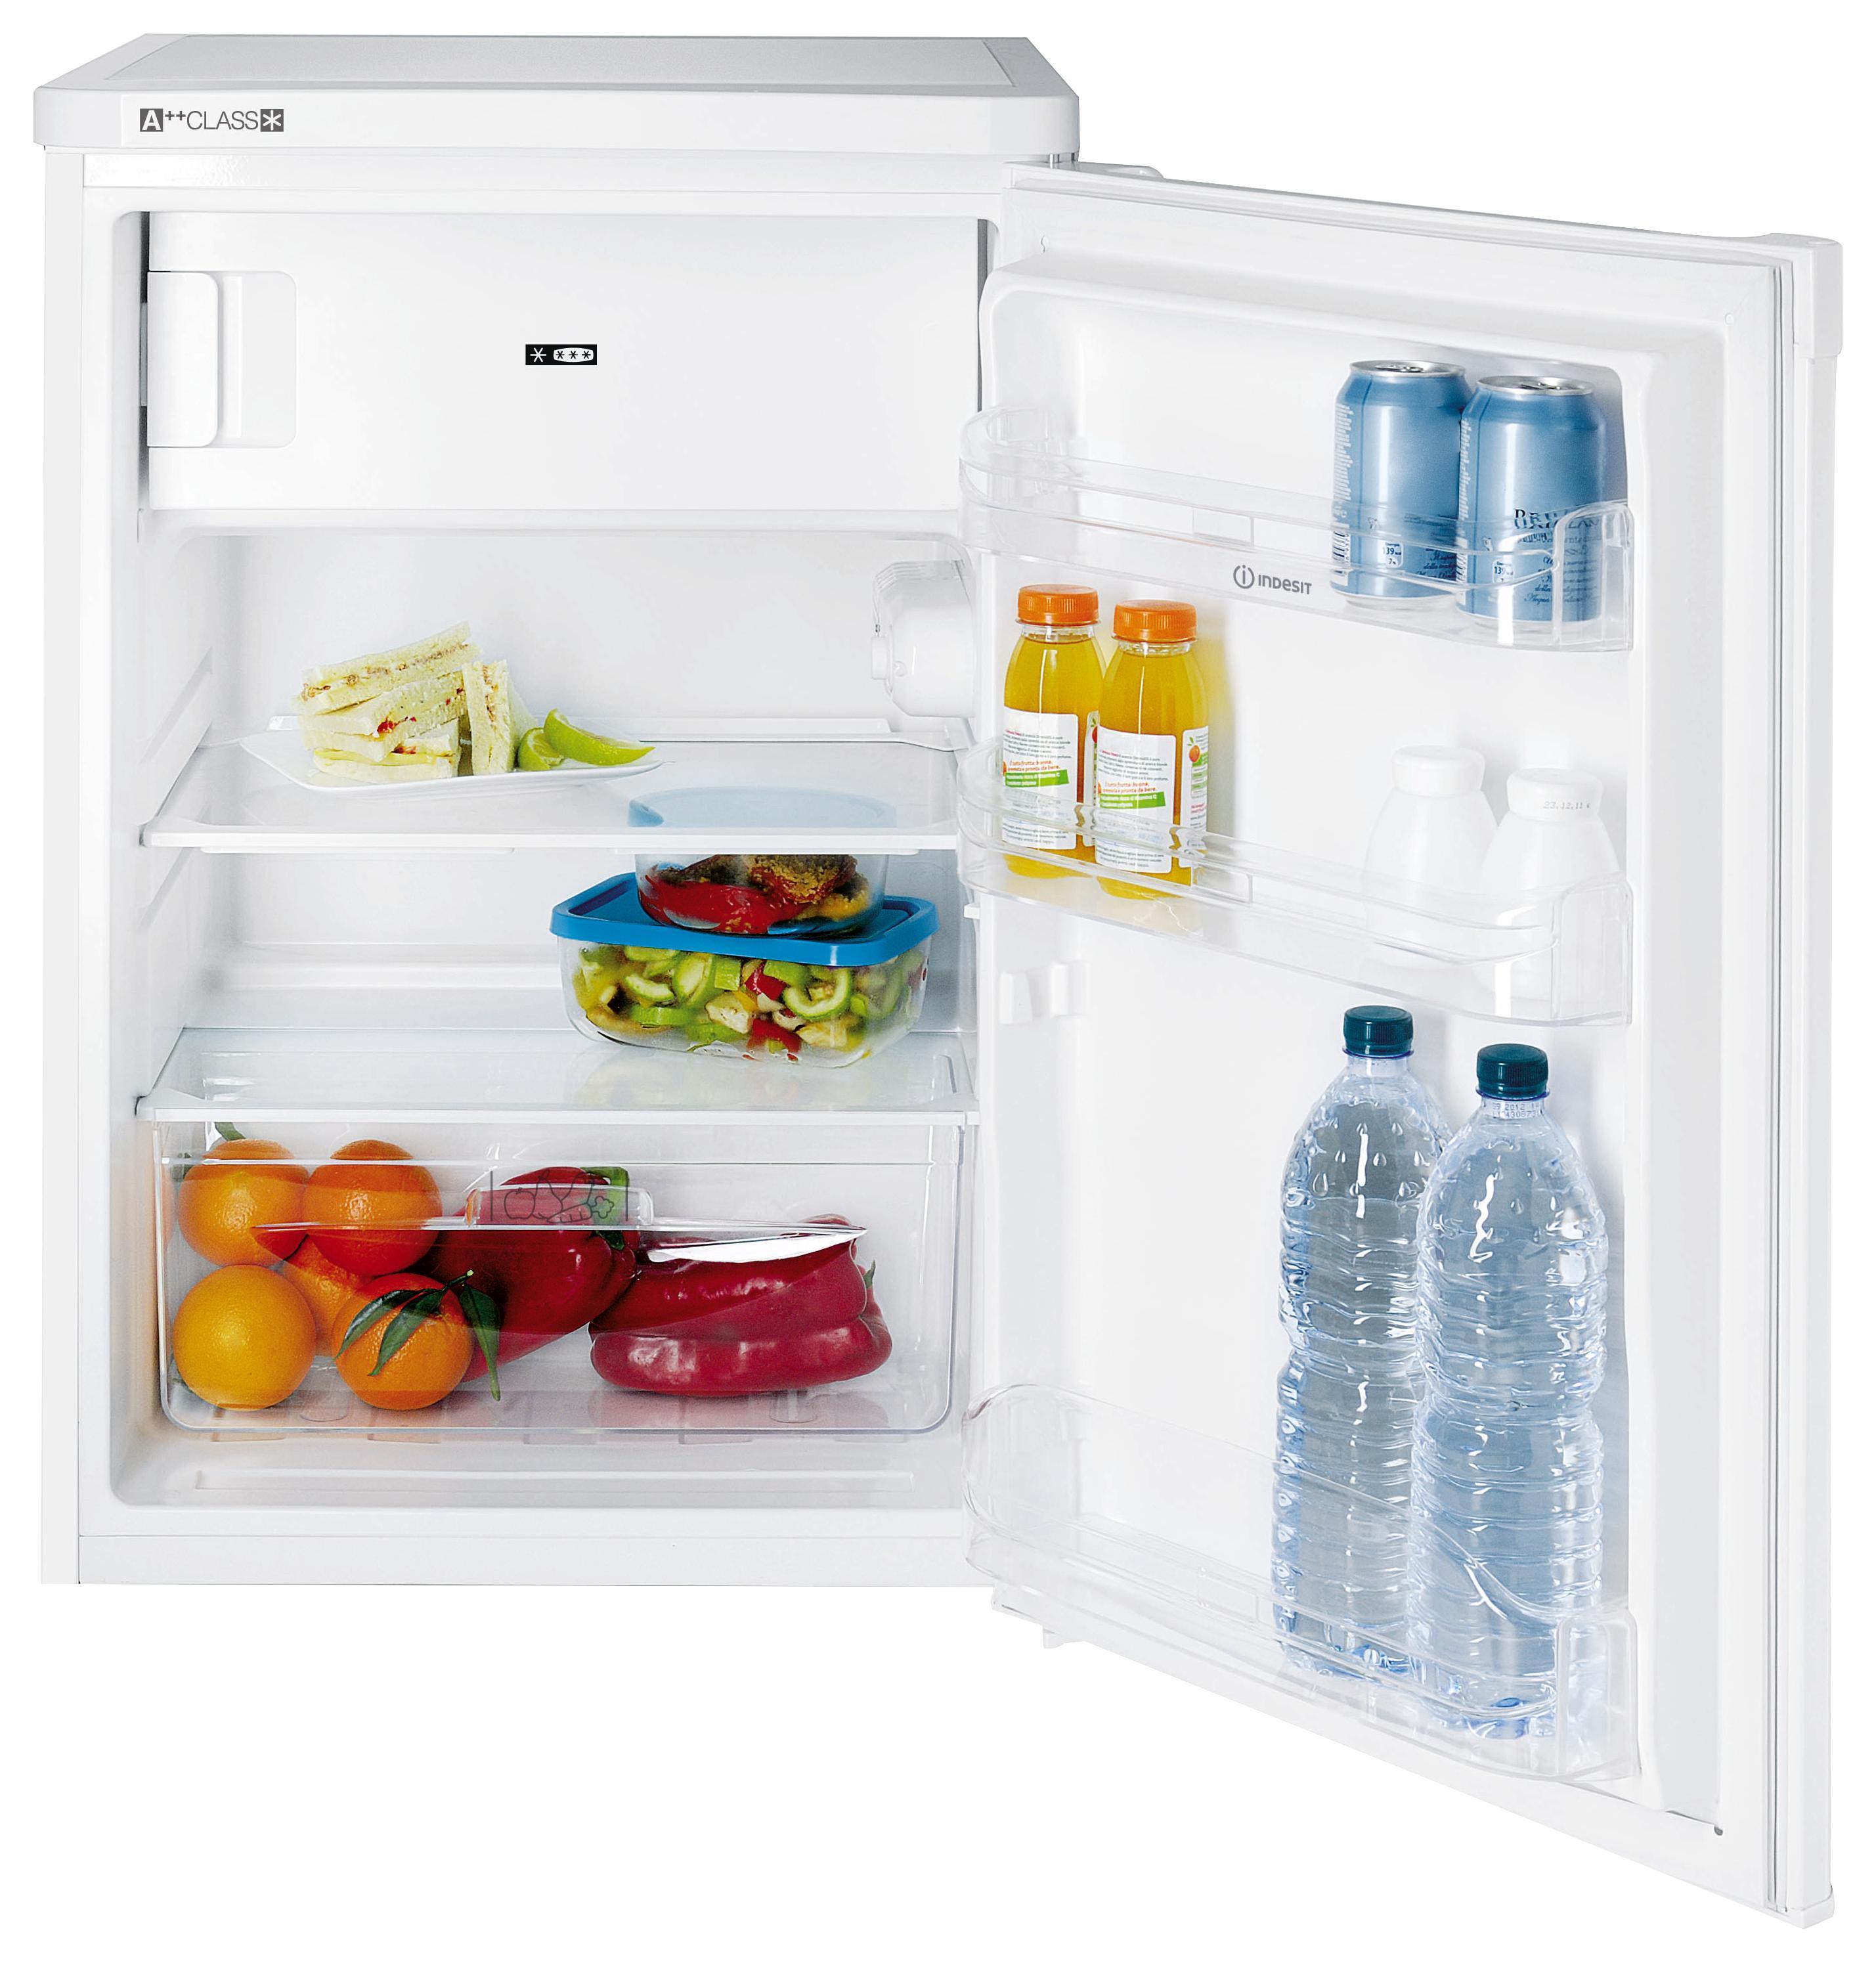 Mini Kühlschrank Für Jugendzimmer : Minikühlschrank tfaaa online kaufen ➤ möbelix